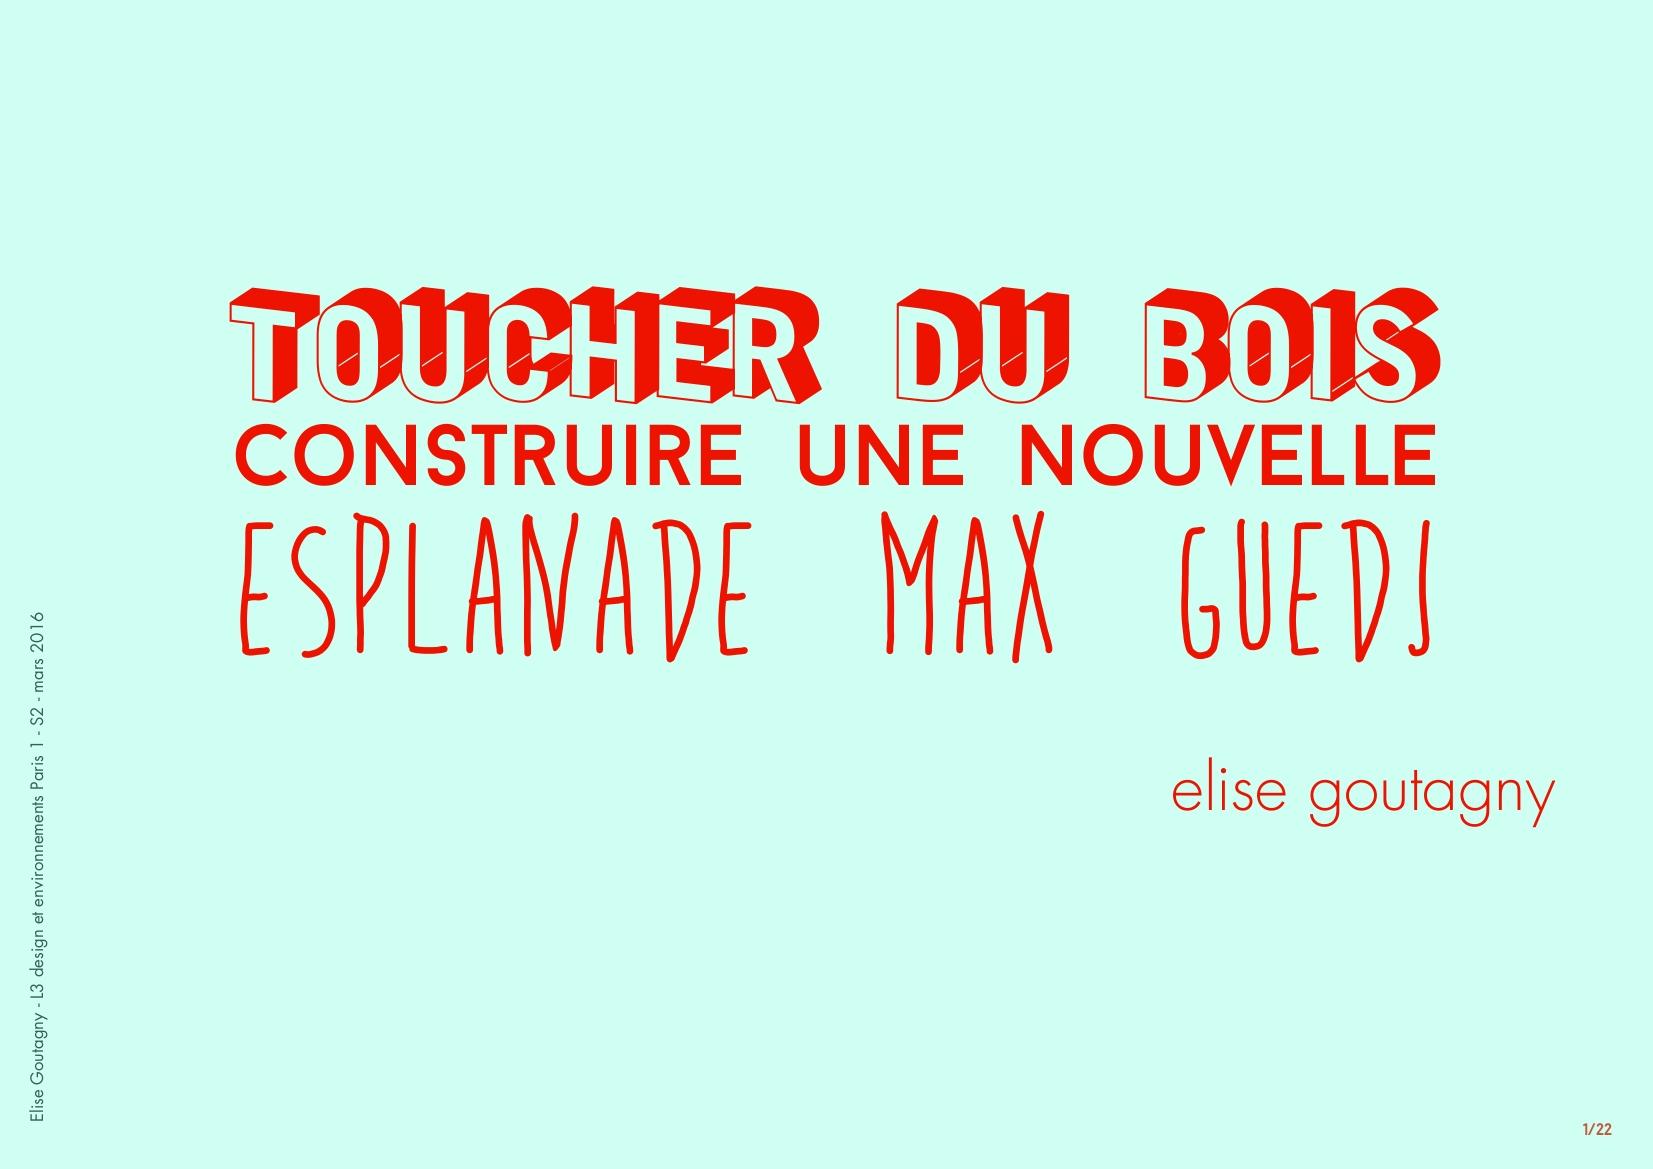 esplanade_egoutagny_compressed 1